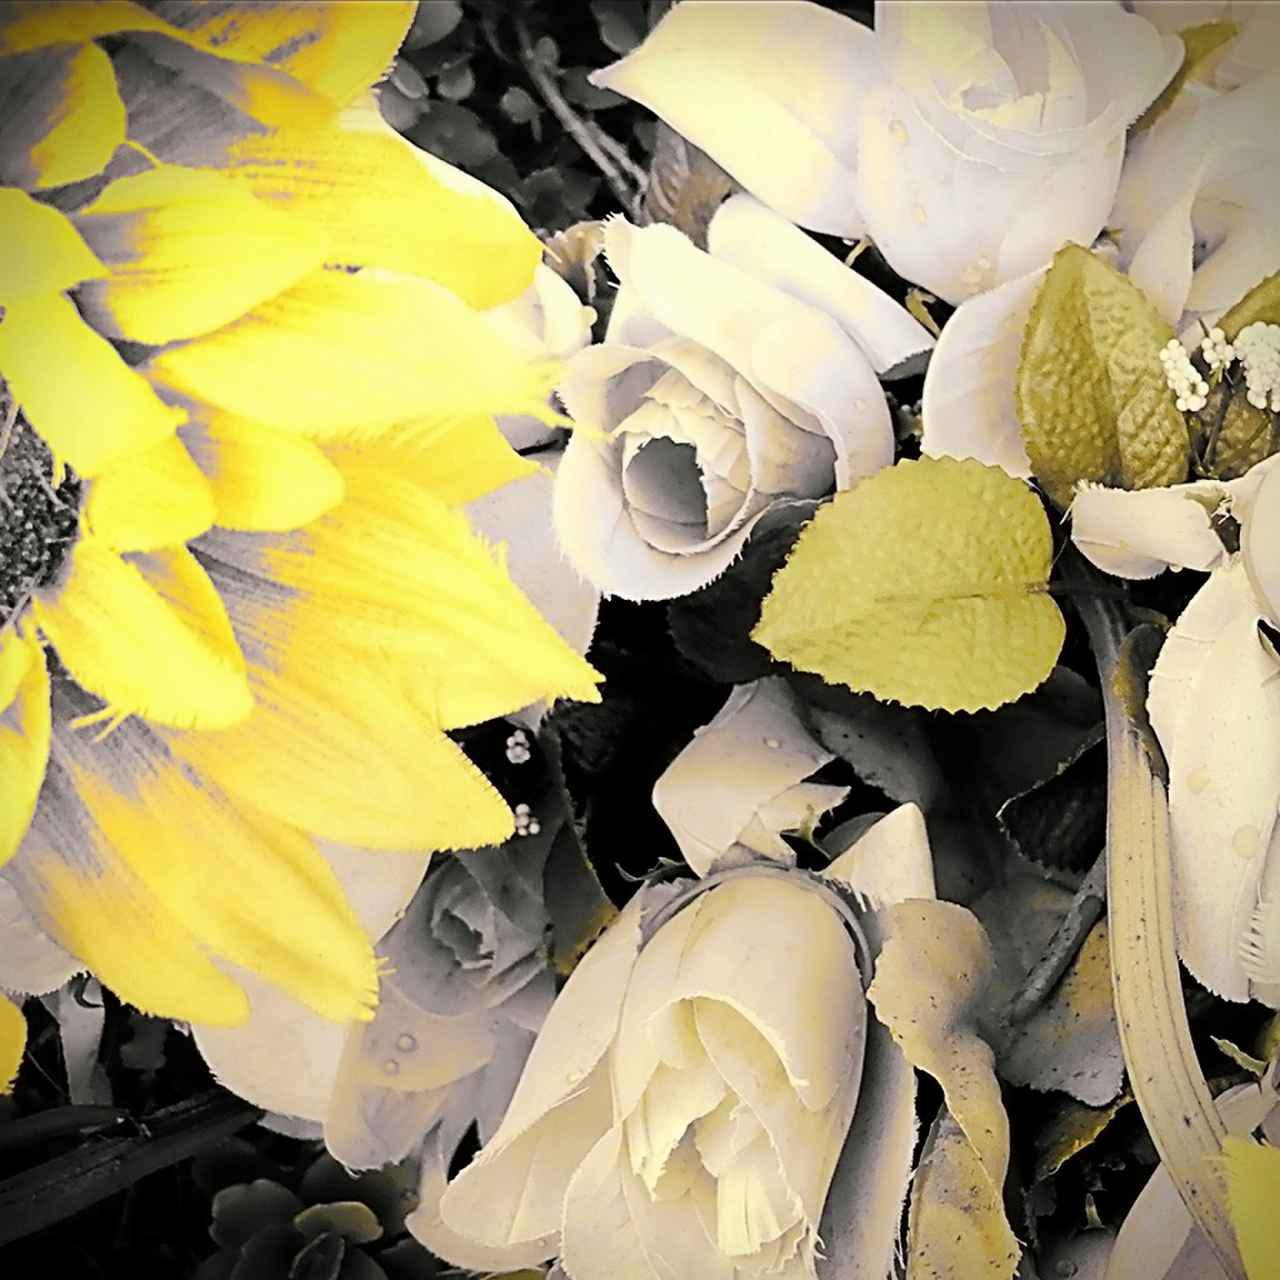 画像: 霞んだ昨日、雫の中の明日 / 窪田渡